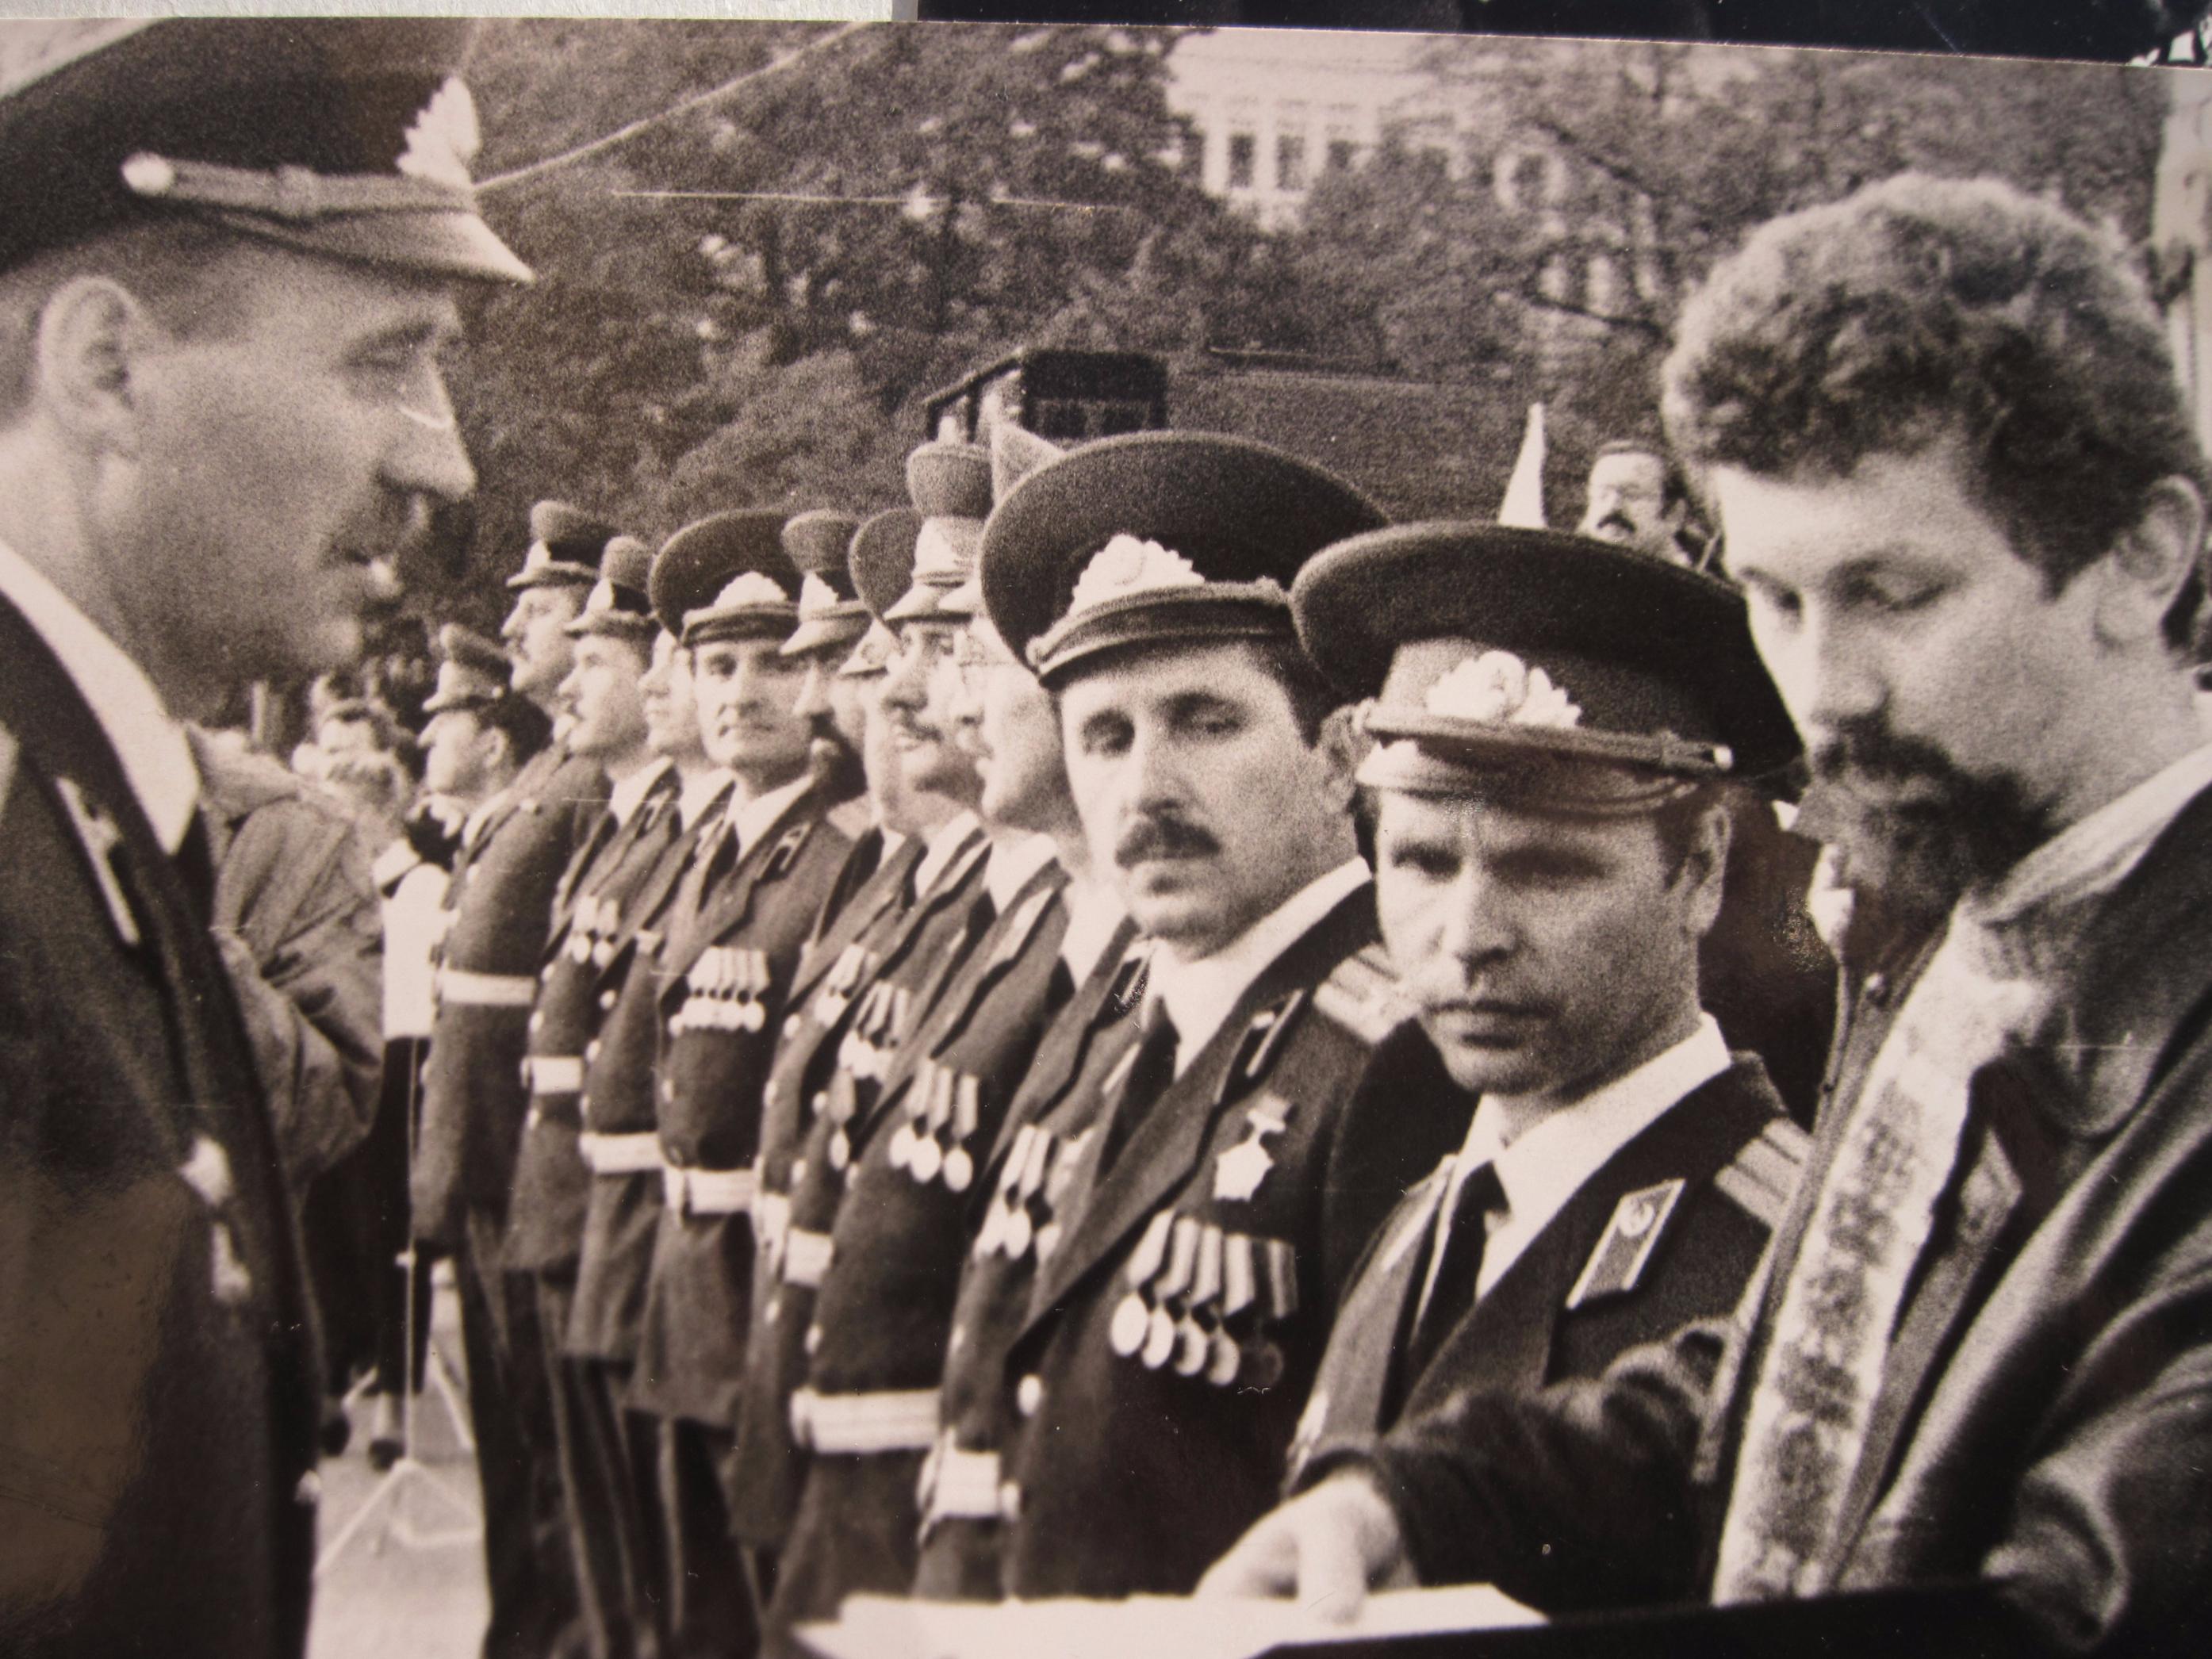 На прысяге Беларусі 8 верасня 1992 года. На пярэднім плане – Мікалай Статкевіч і Сяргей Навумчык.